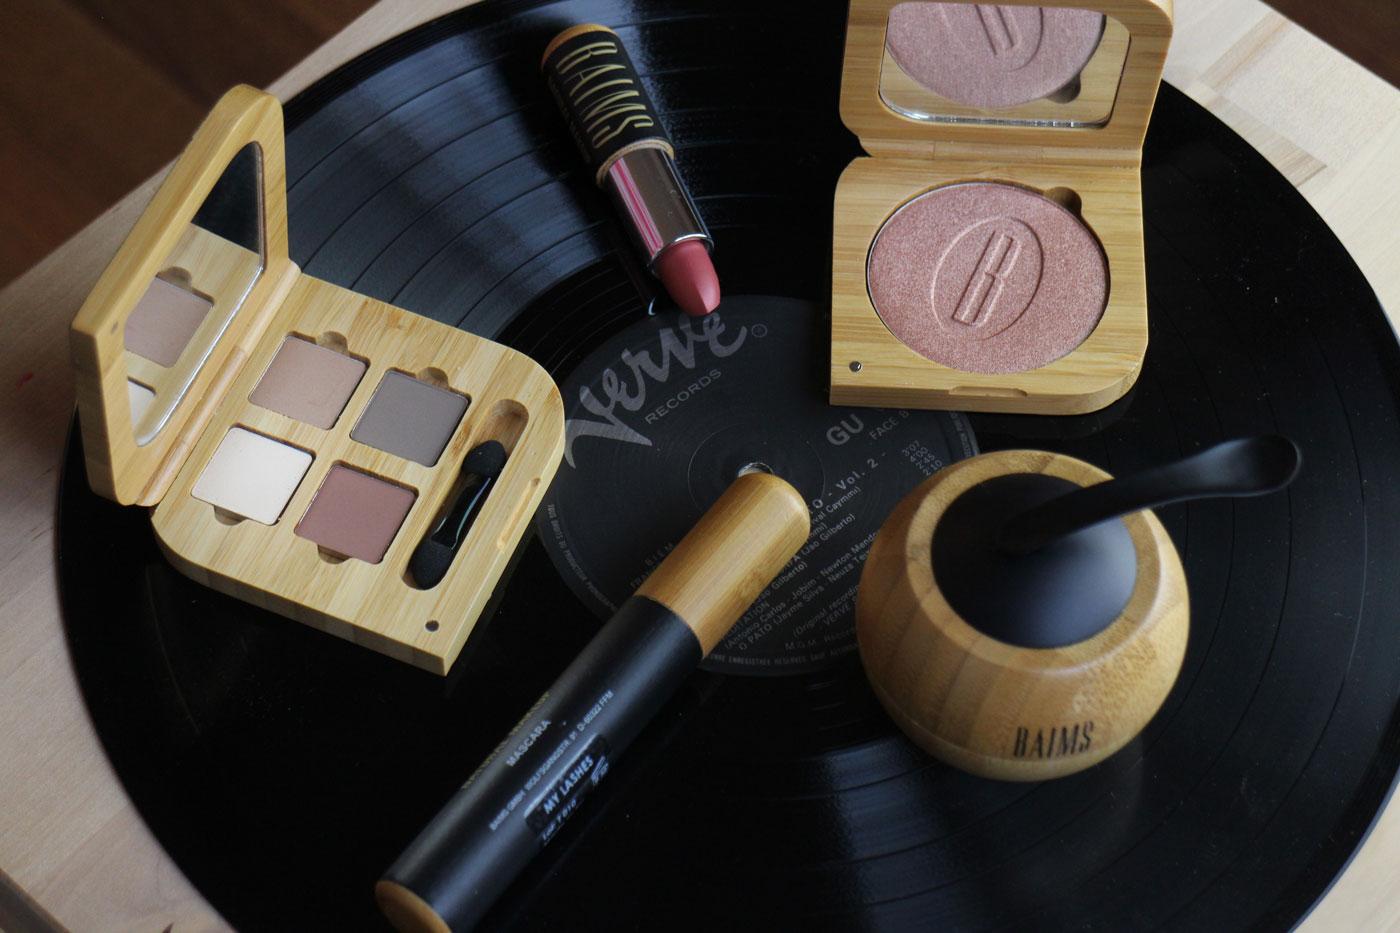 Baims Natural Makeup